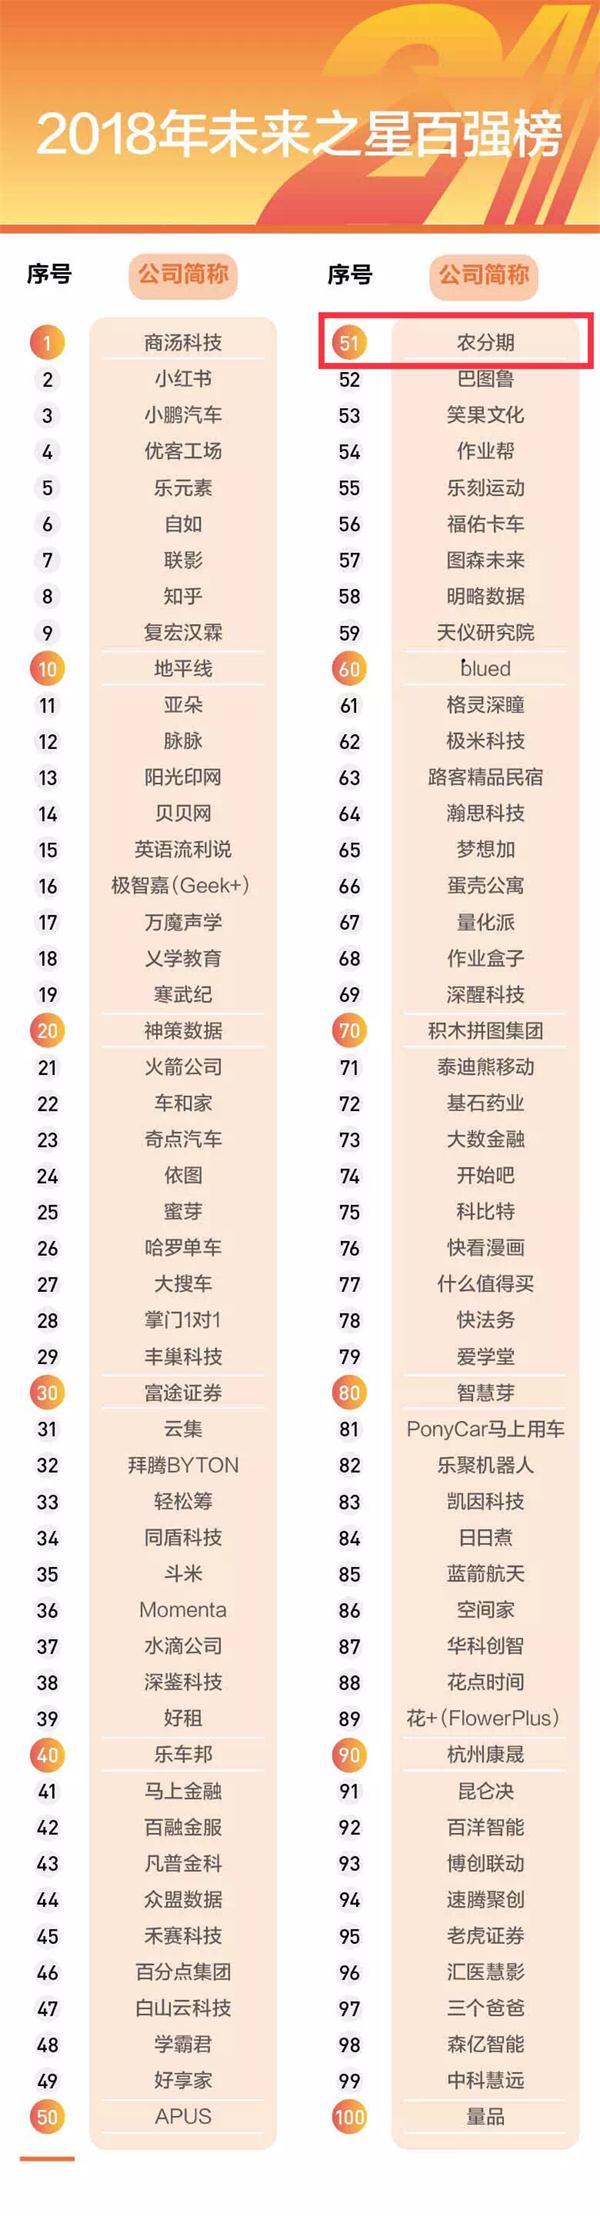 农分期登榜《中国企业家》2018年未来之星百强榜,成榜上唯一农业服务创新企业